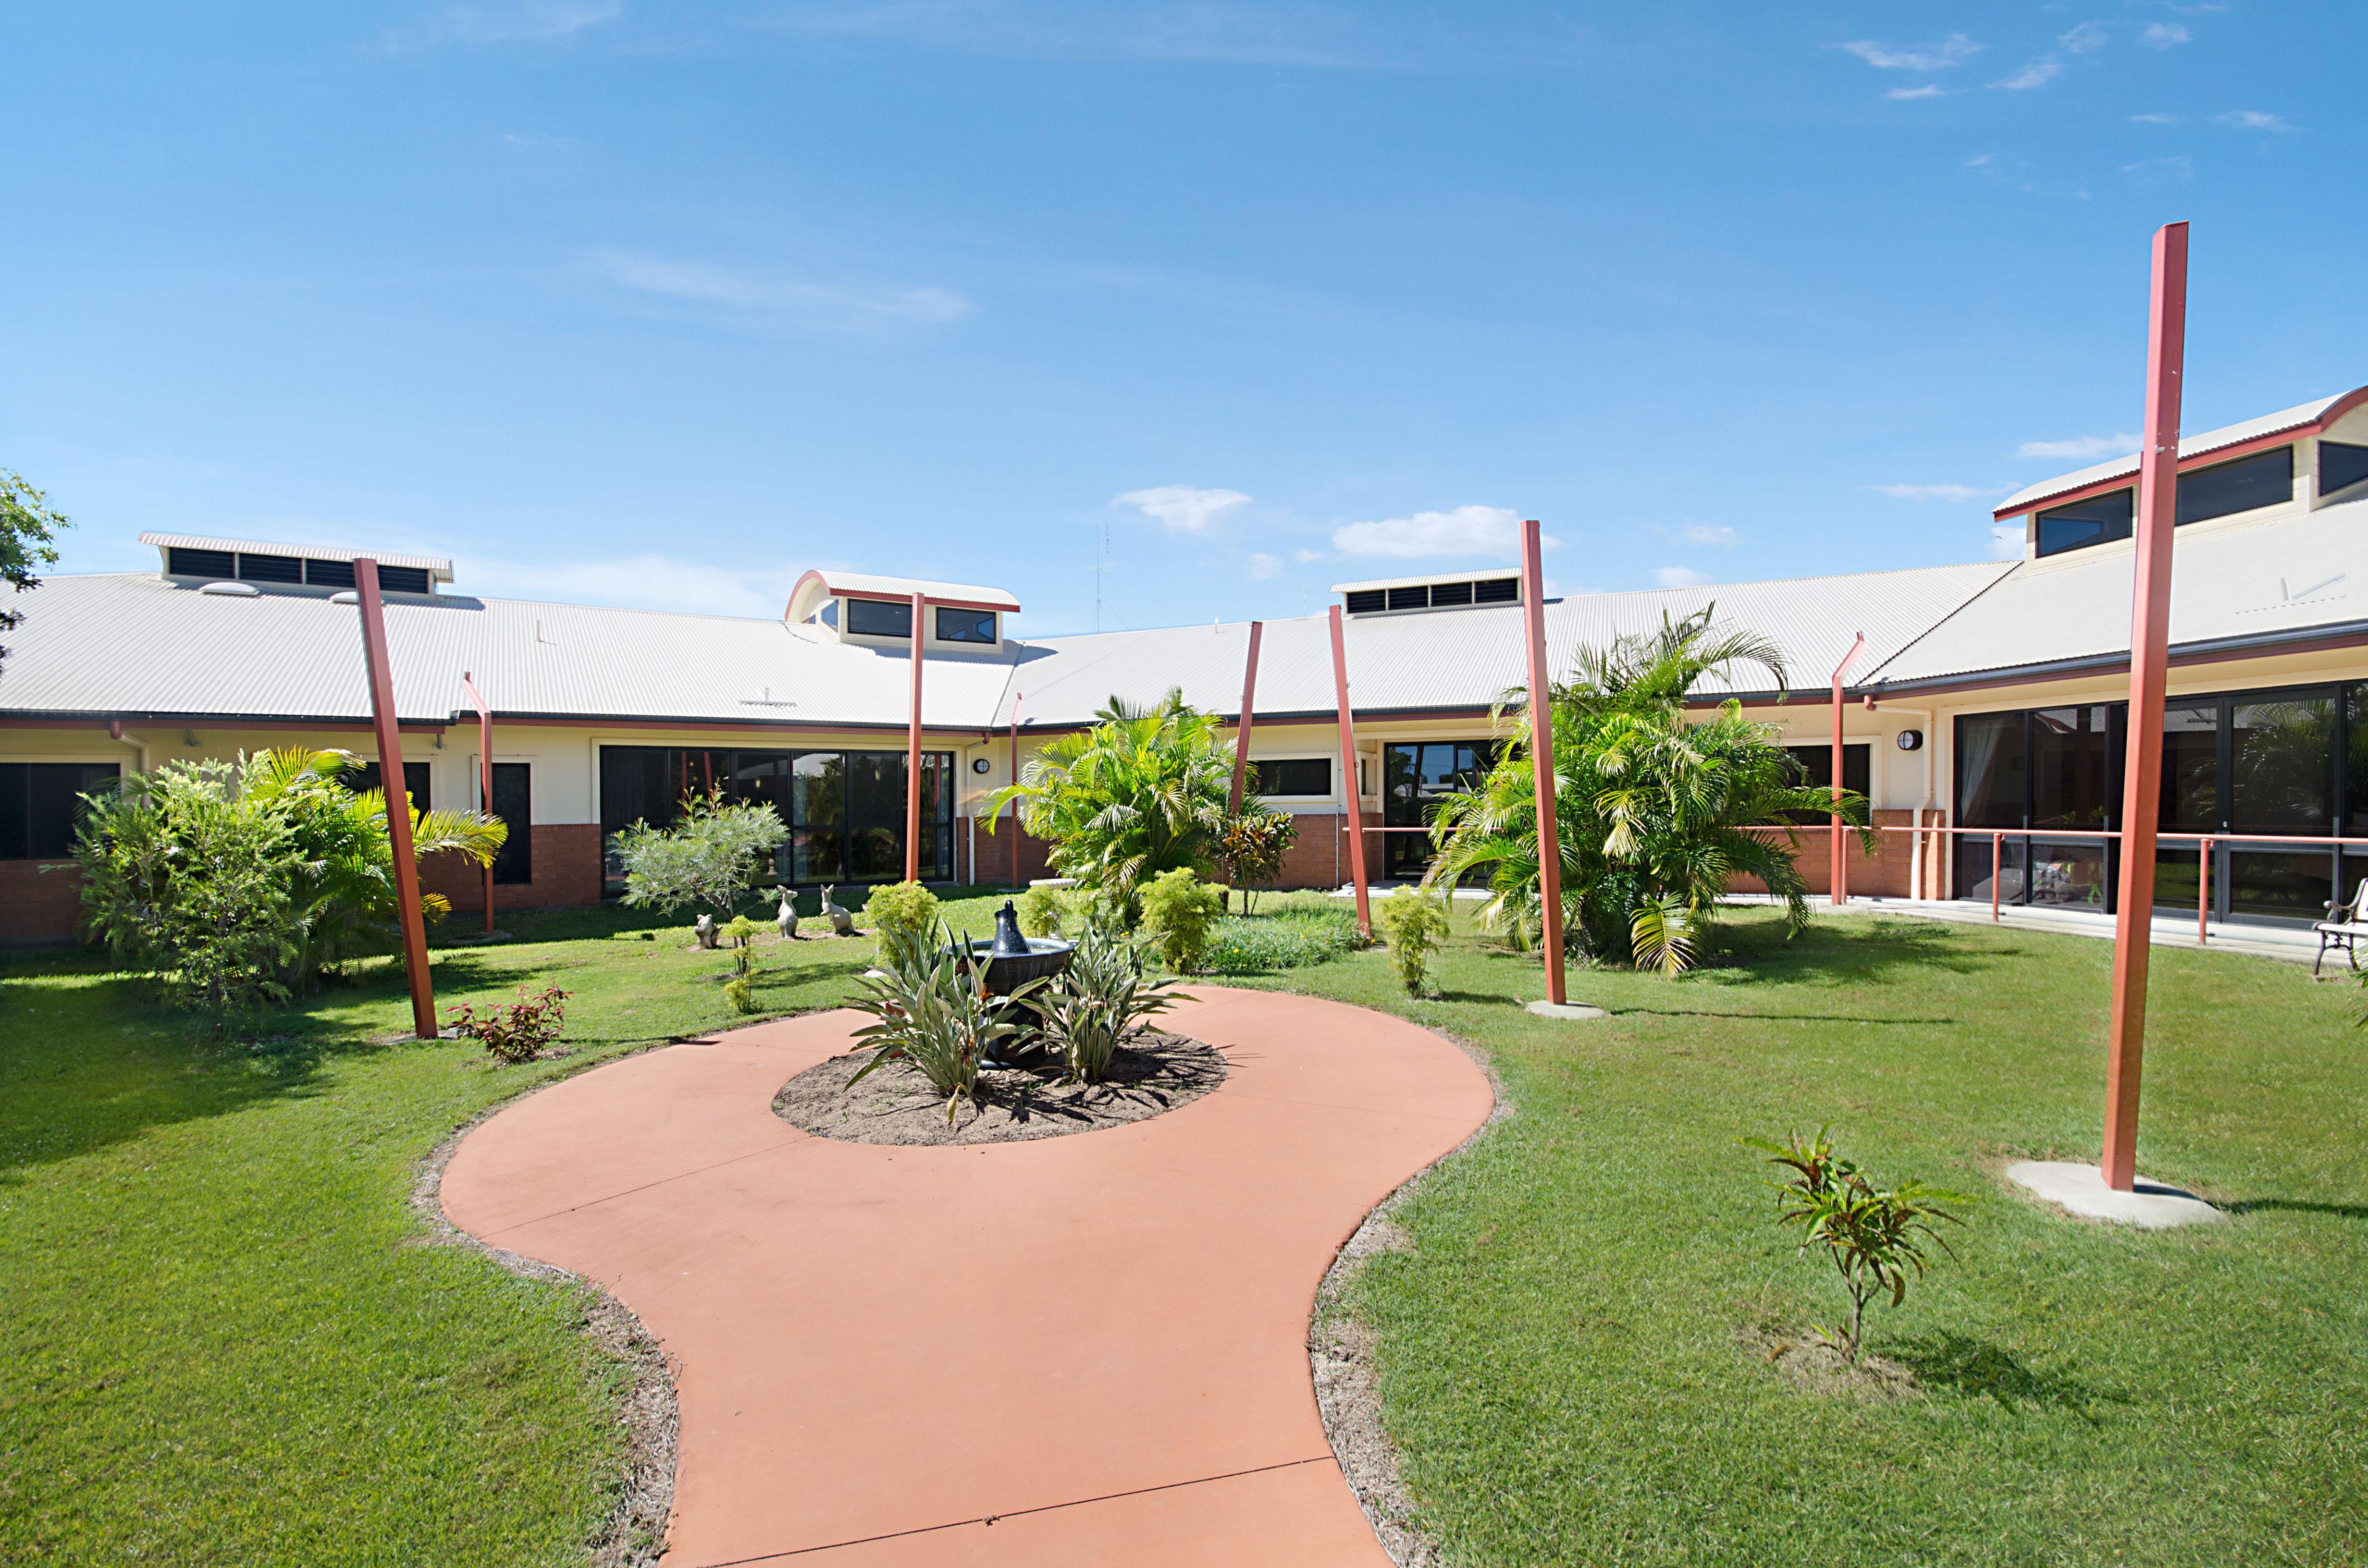 Bowen, Cunningham Villas